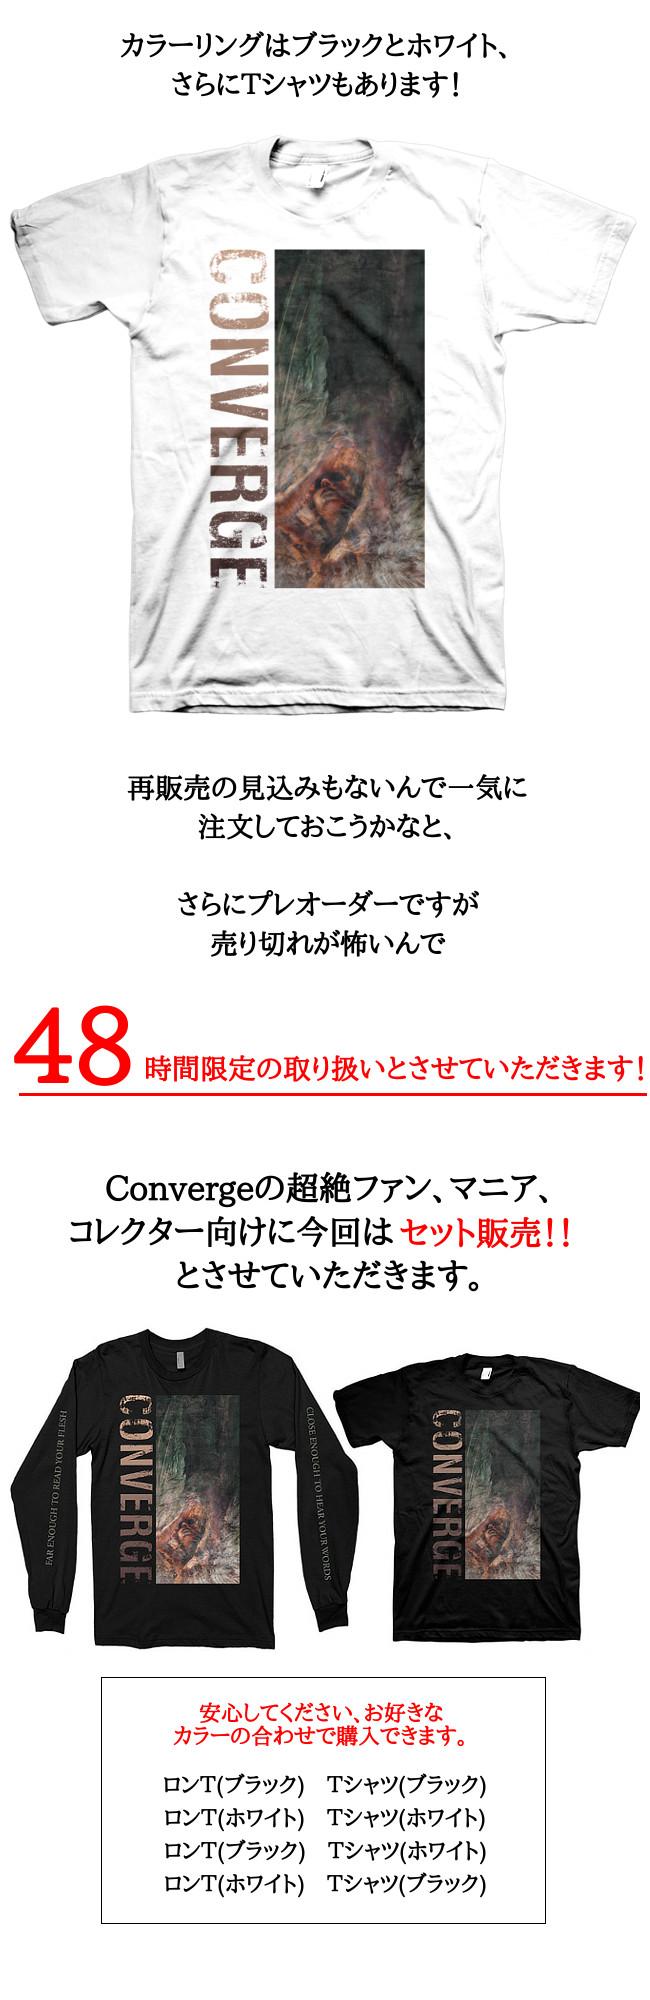 Converge 限定